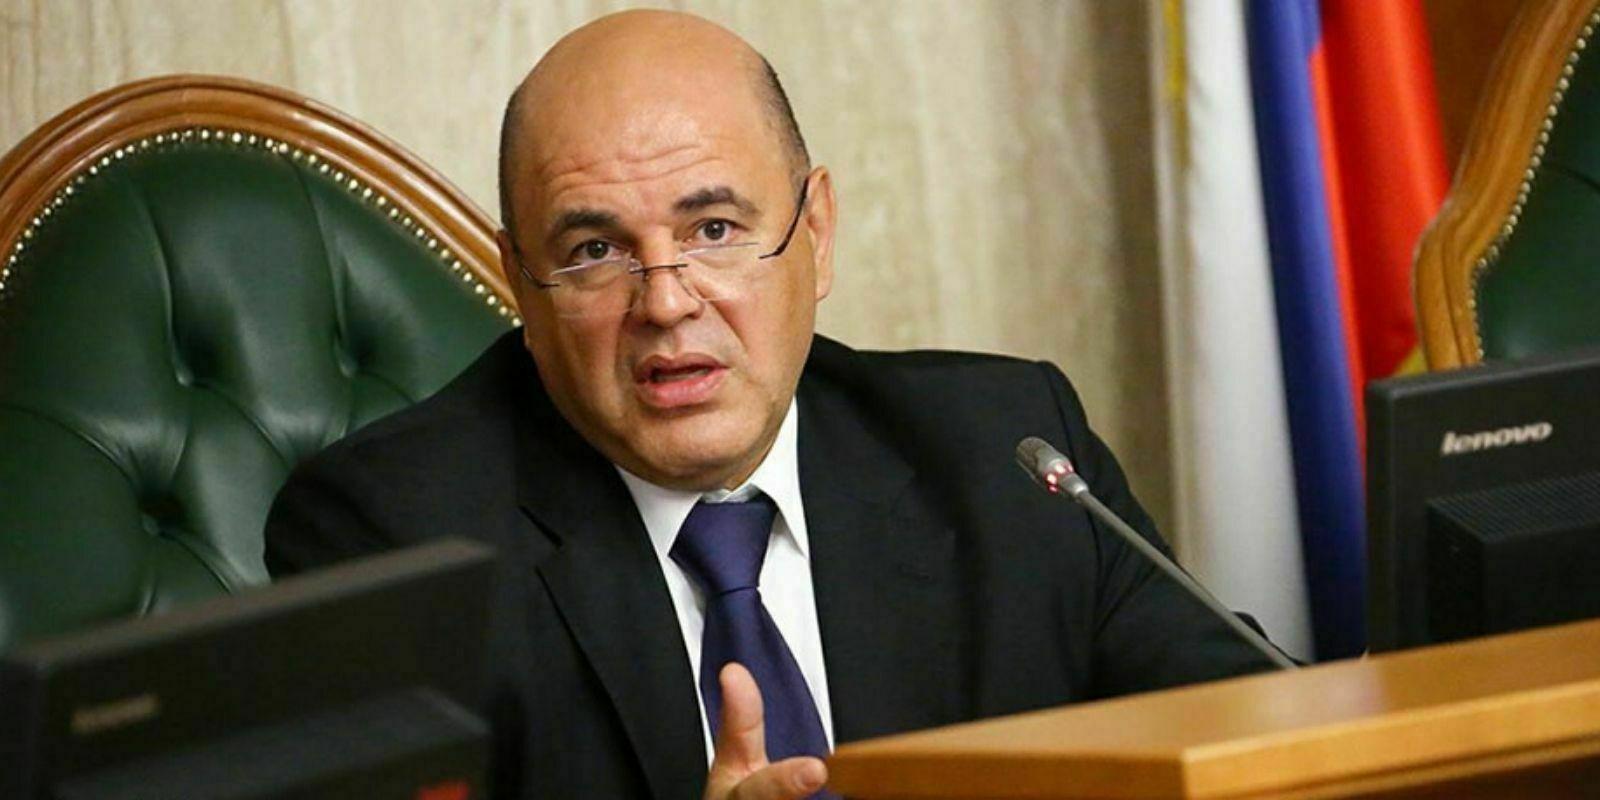 Le nouveau Premier ministre russe met le cap sur l'économie numérique